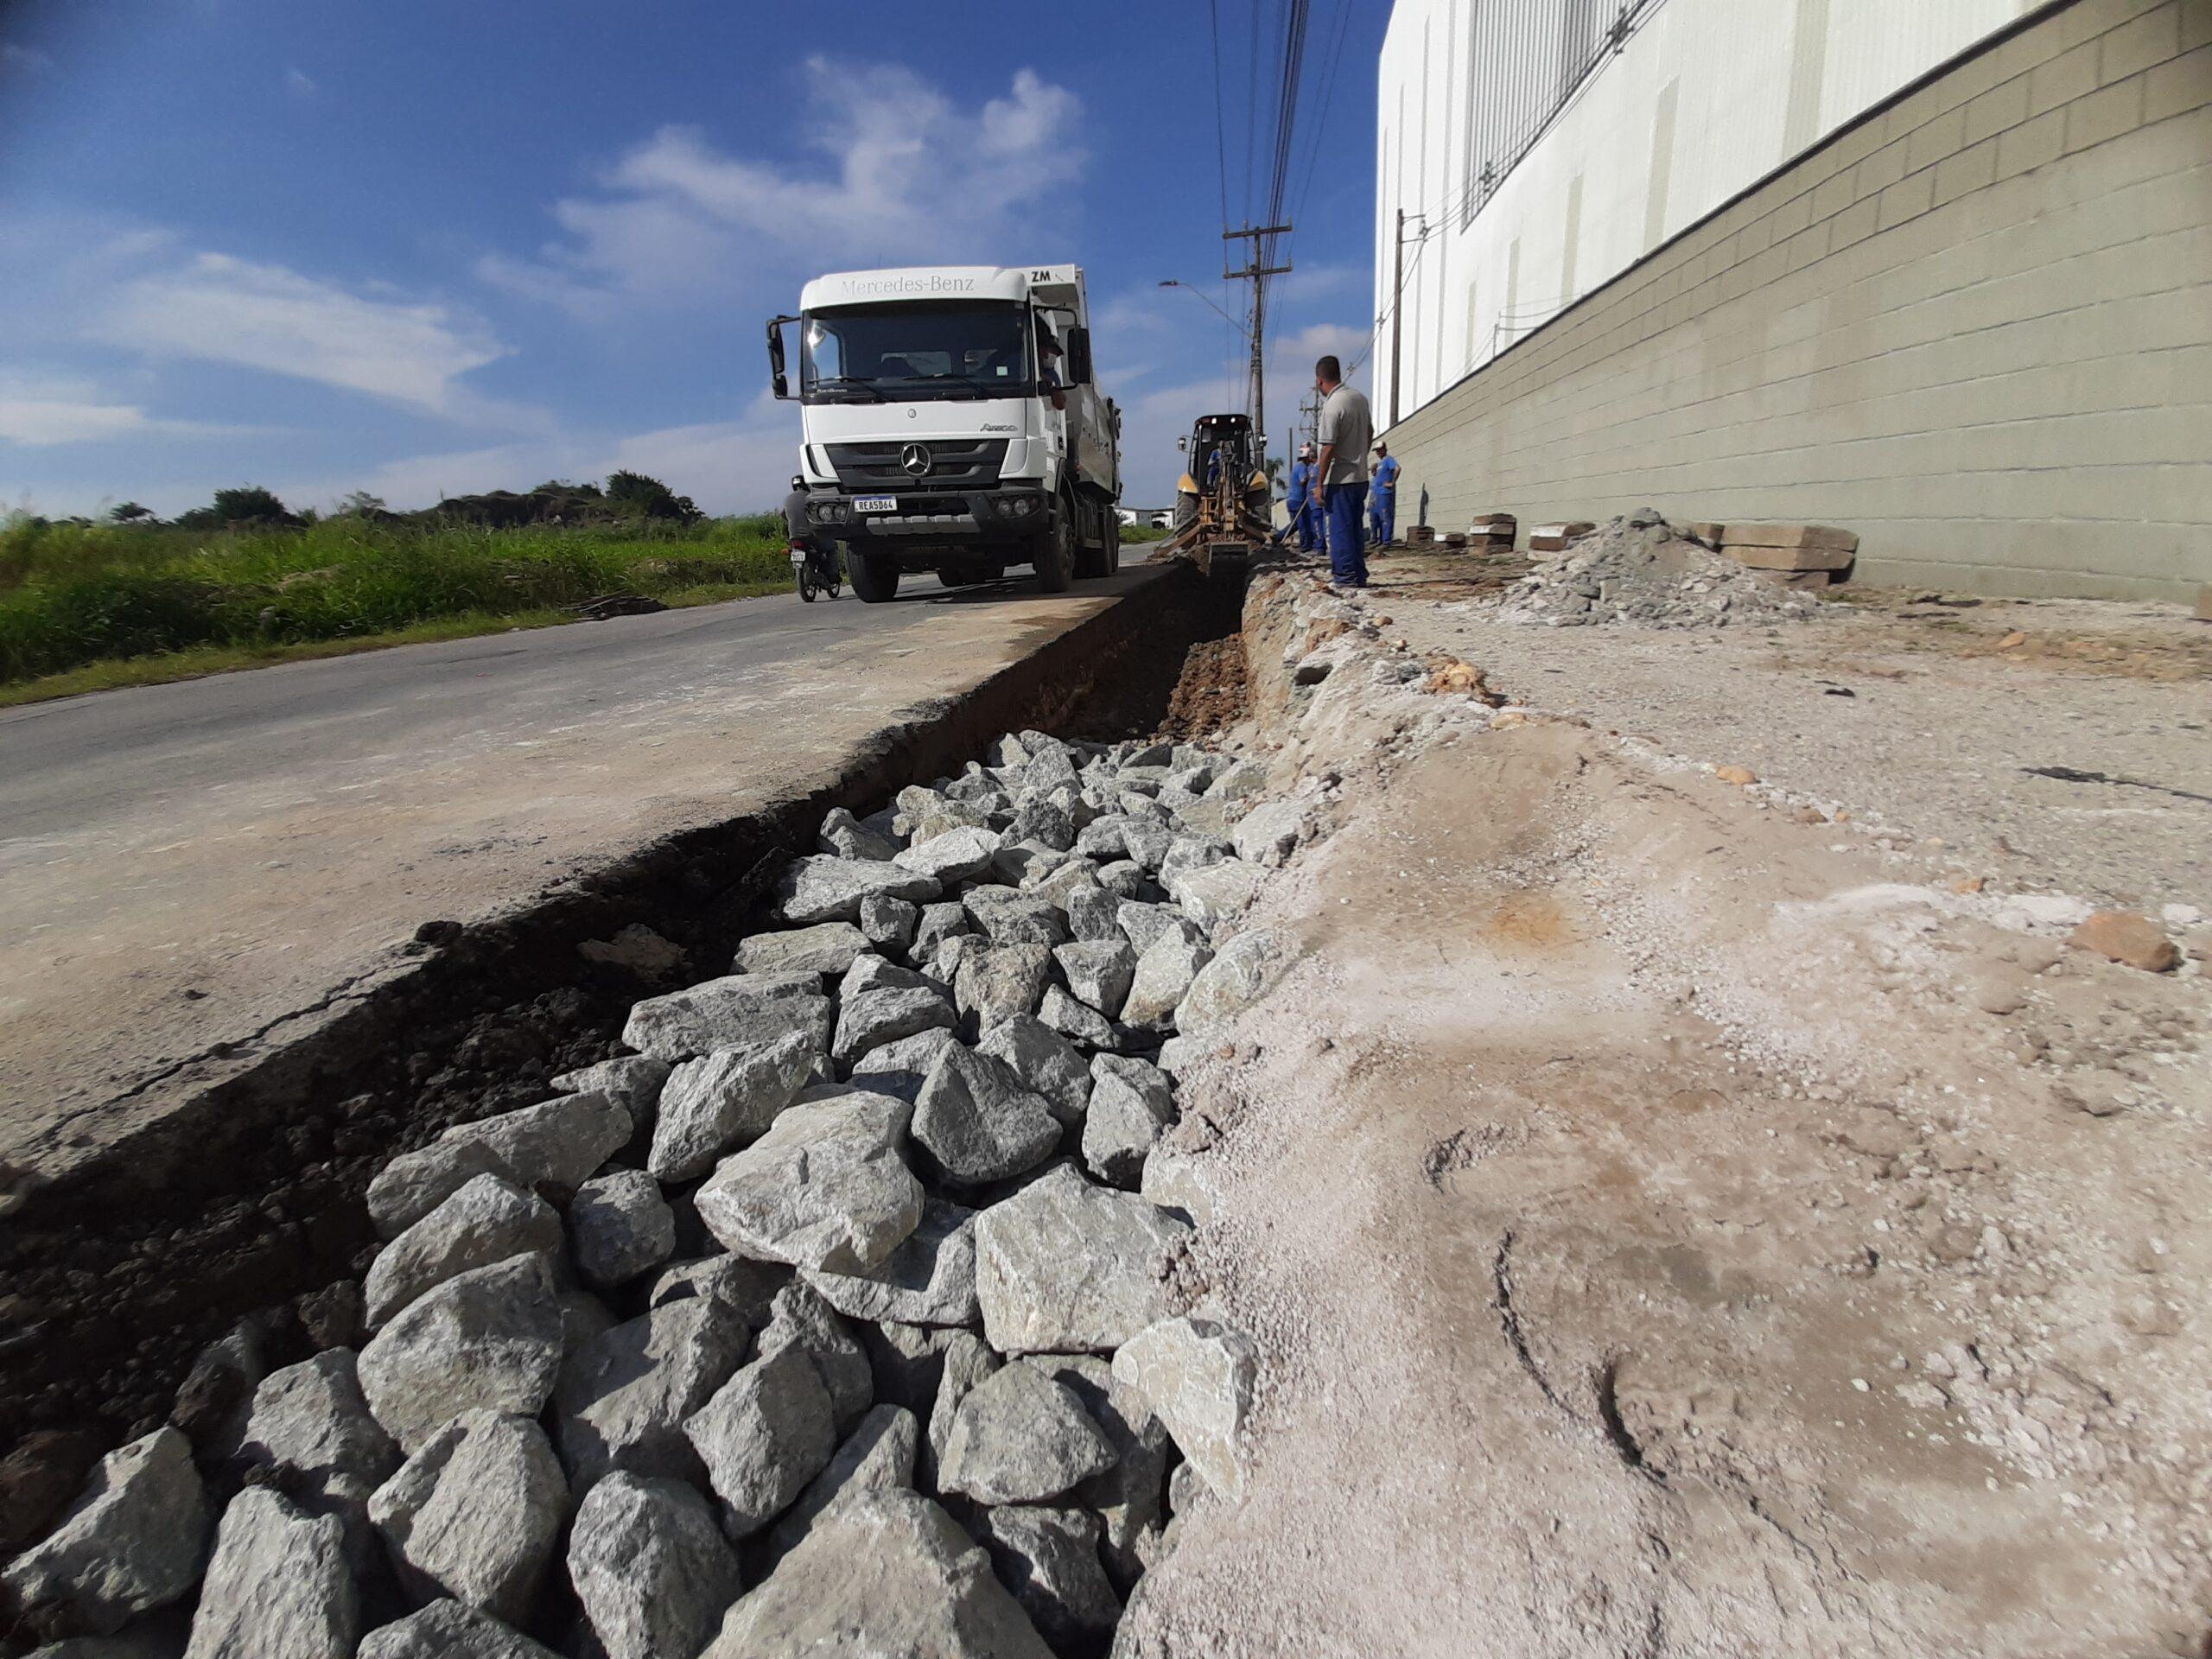 Obras em Itajaí: alargamento de pista no Cordeiros facilitará acesso às marginais da BR-101